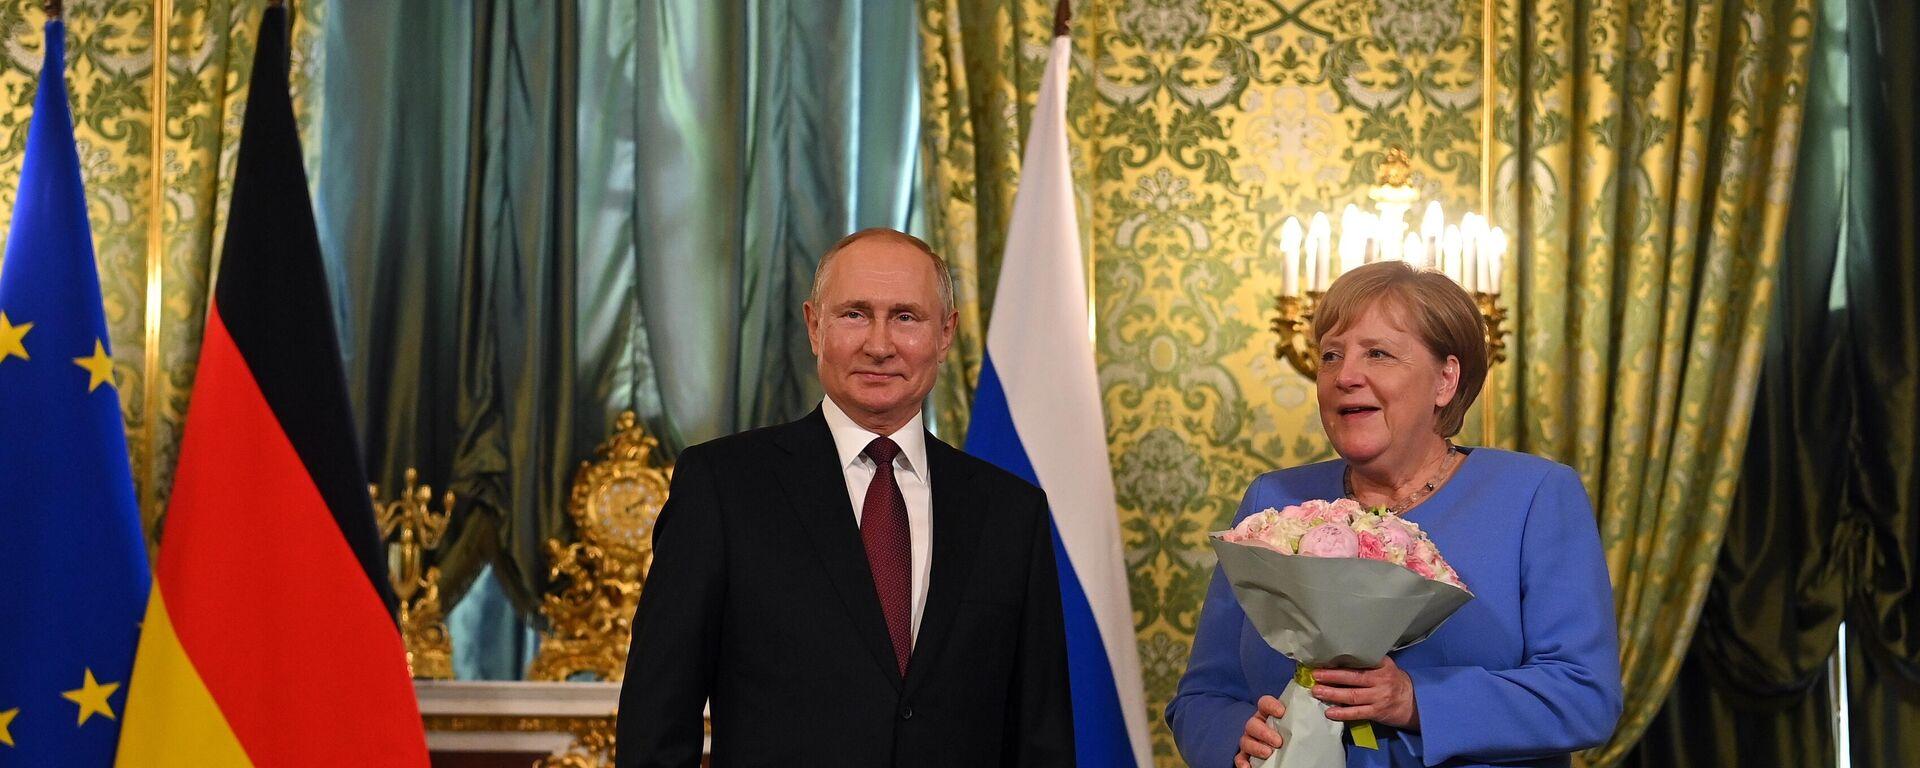 Bundeskanzlerin Angela Merkel in Moskau - SNA, 1920, 20.08.2021